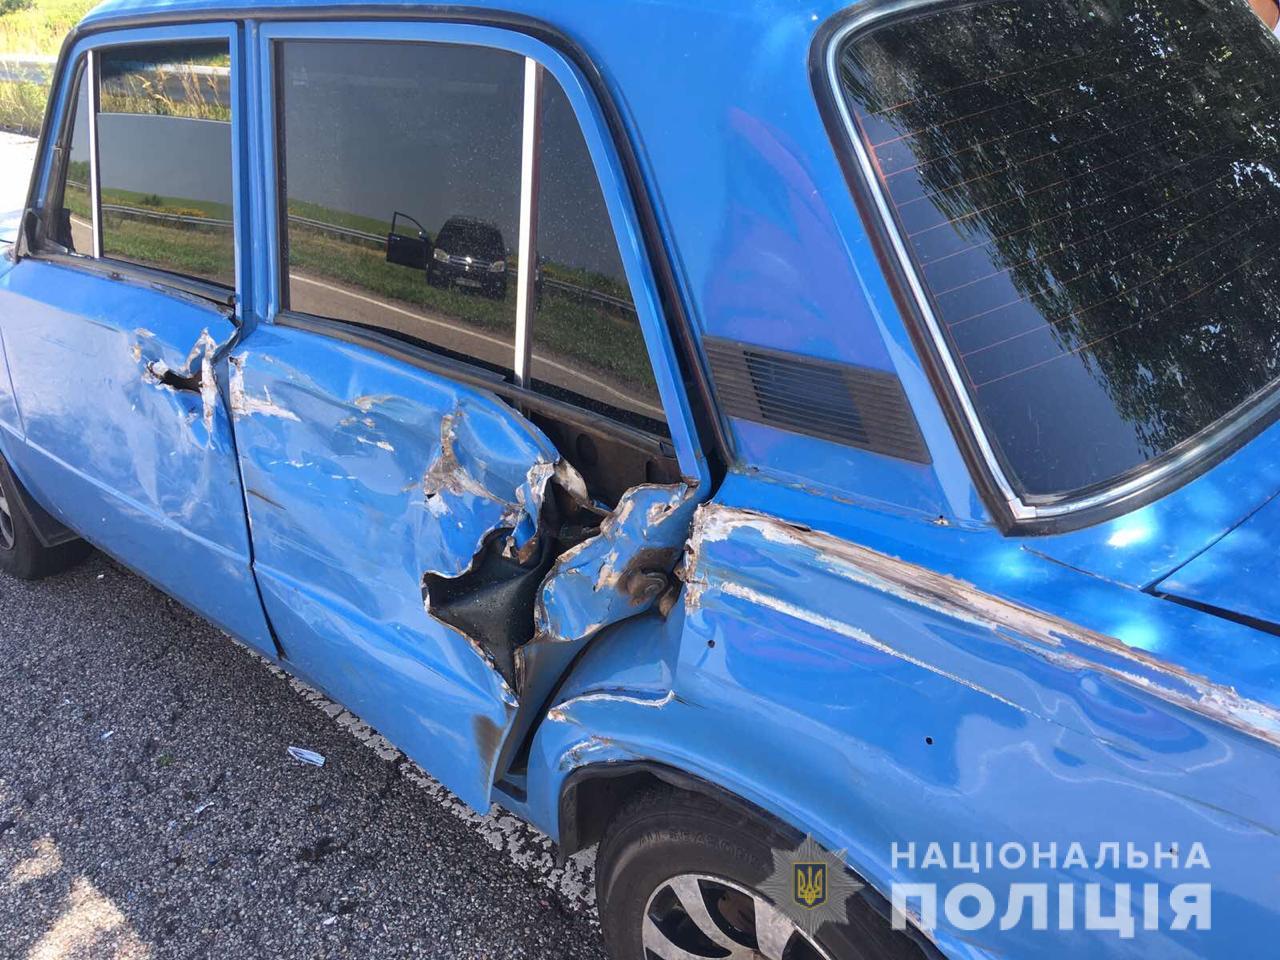 Мужчина из Харьковской области погиб на глазах у семьи (фото)